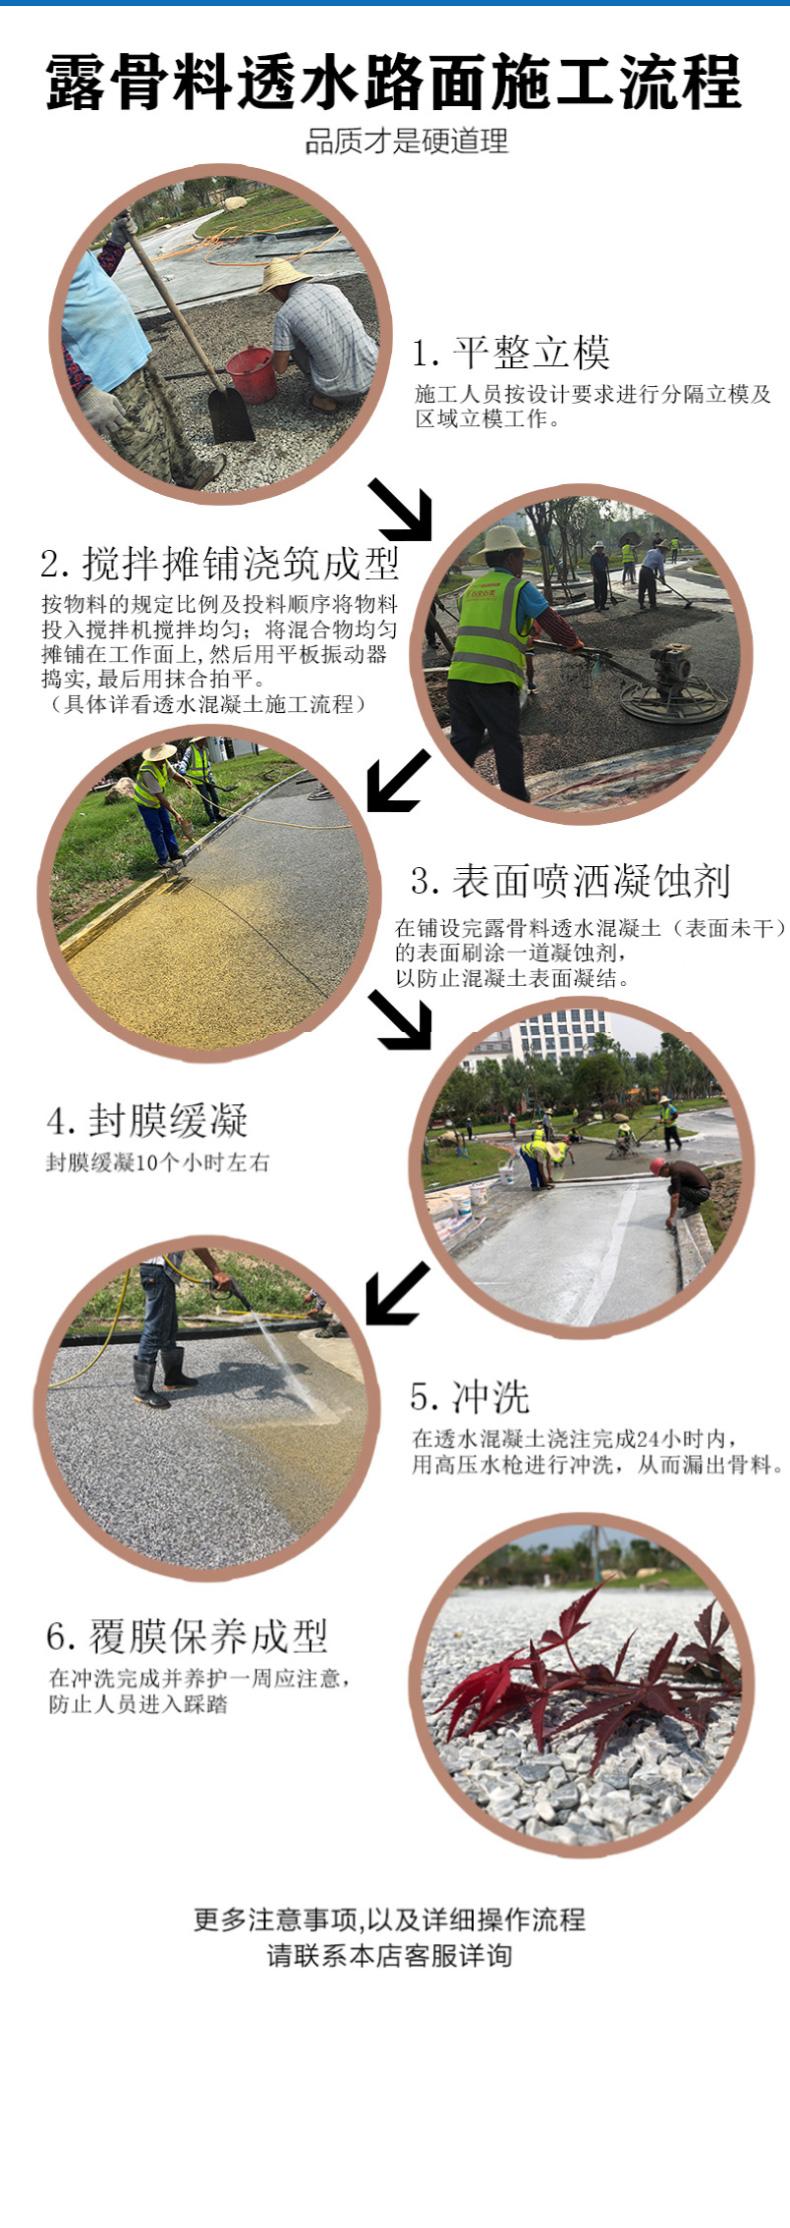 弗石混凝土表面缓蚀剂_05.jpg